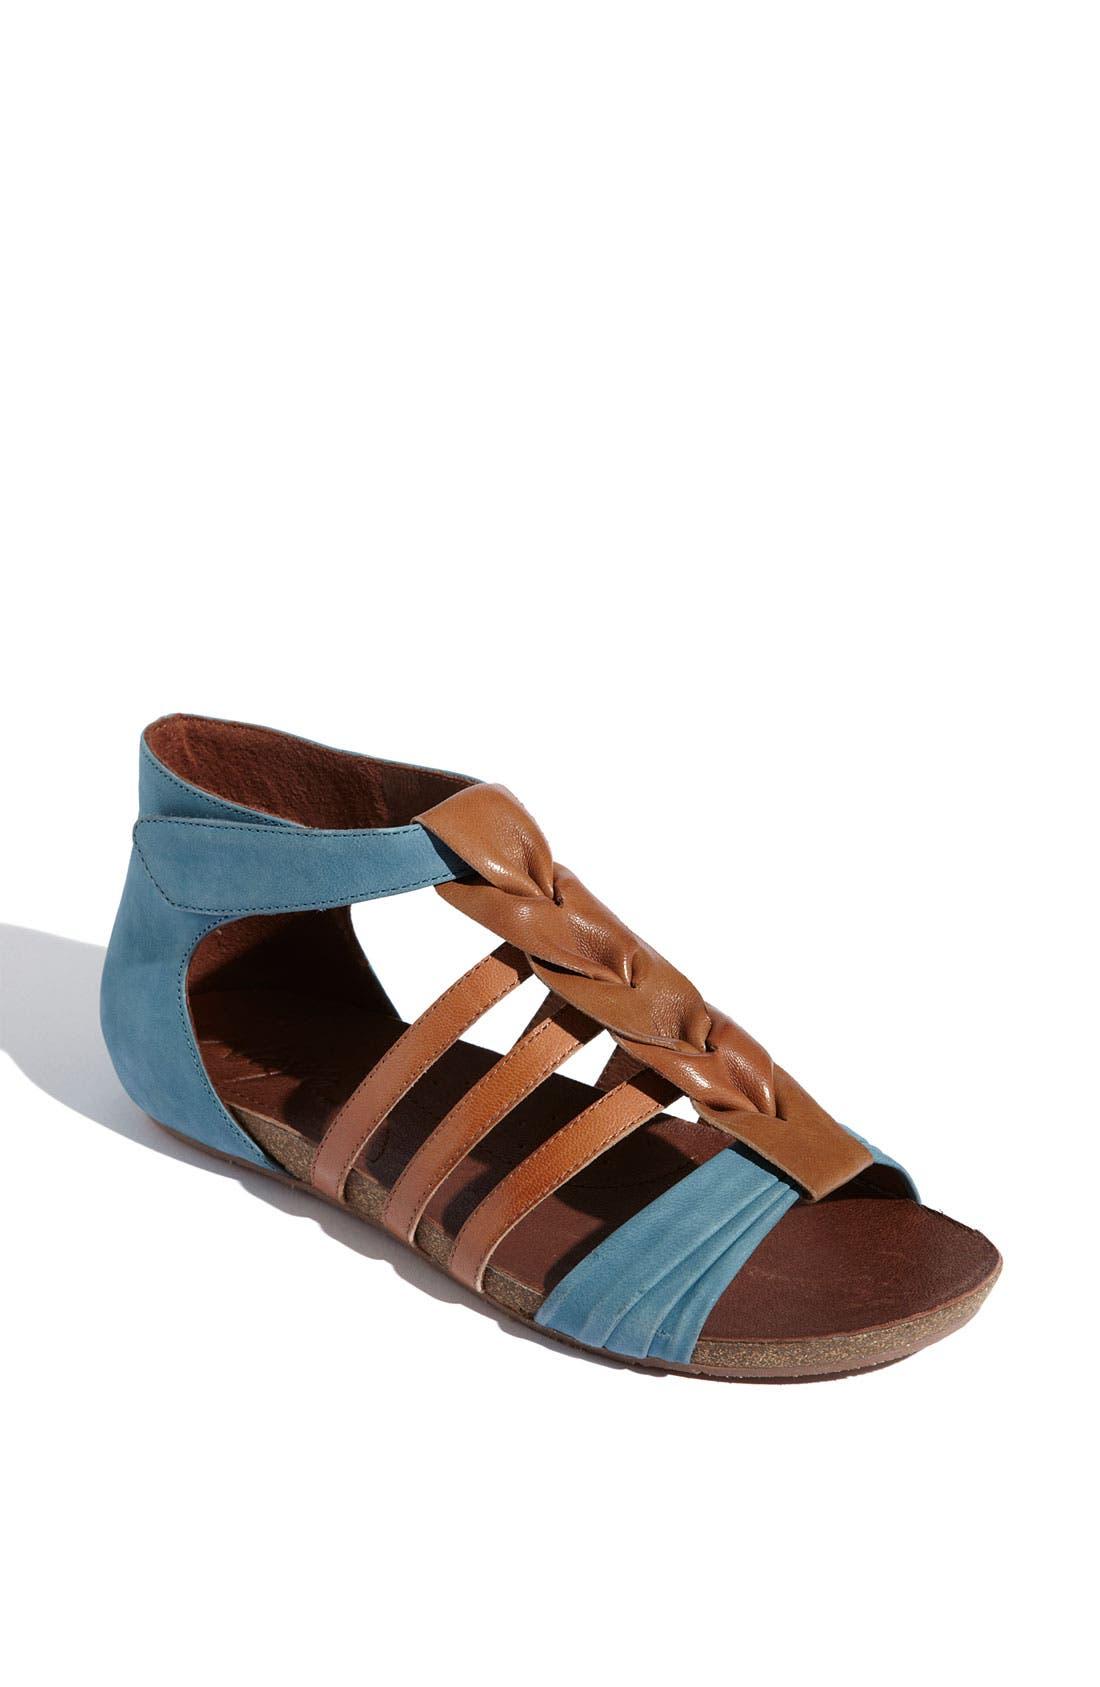 Alternate Image 1 Selected - Naya 'Palomi' Sandal